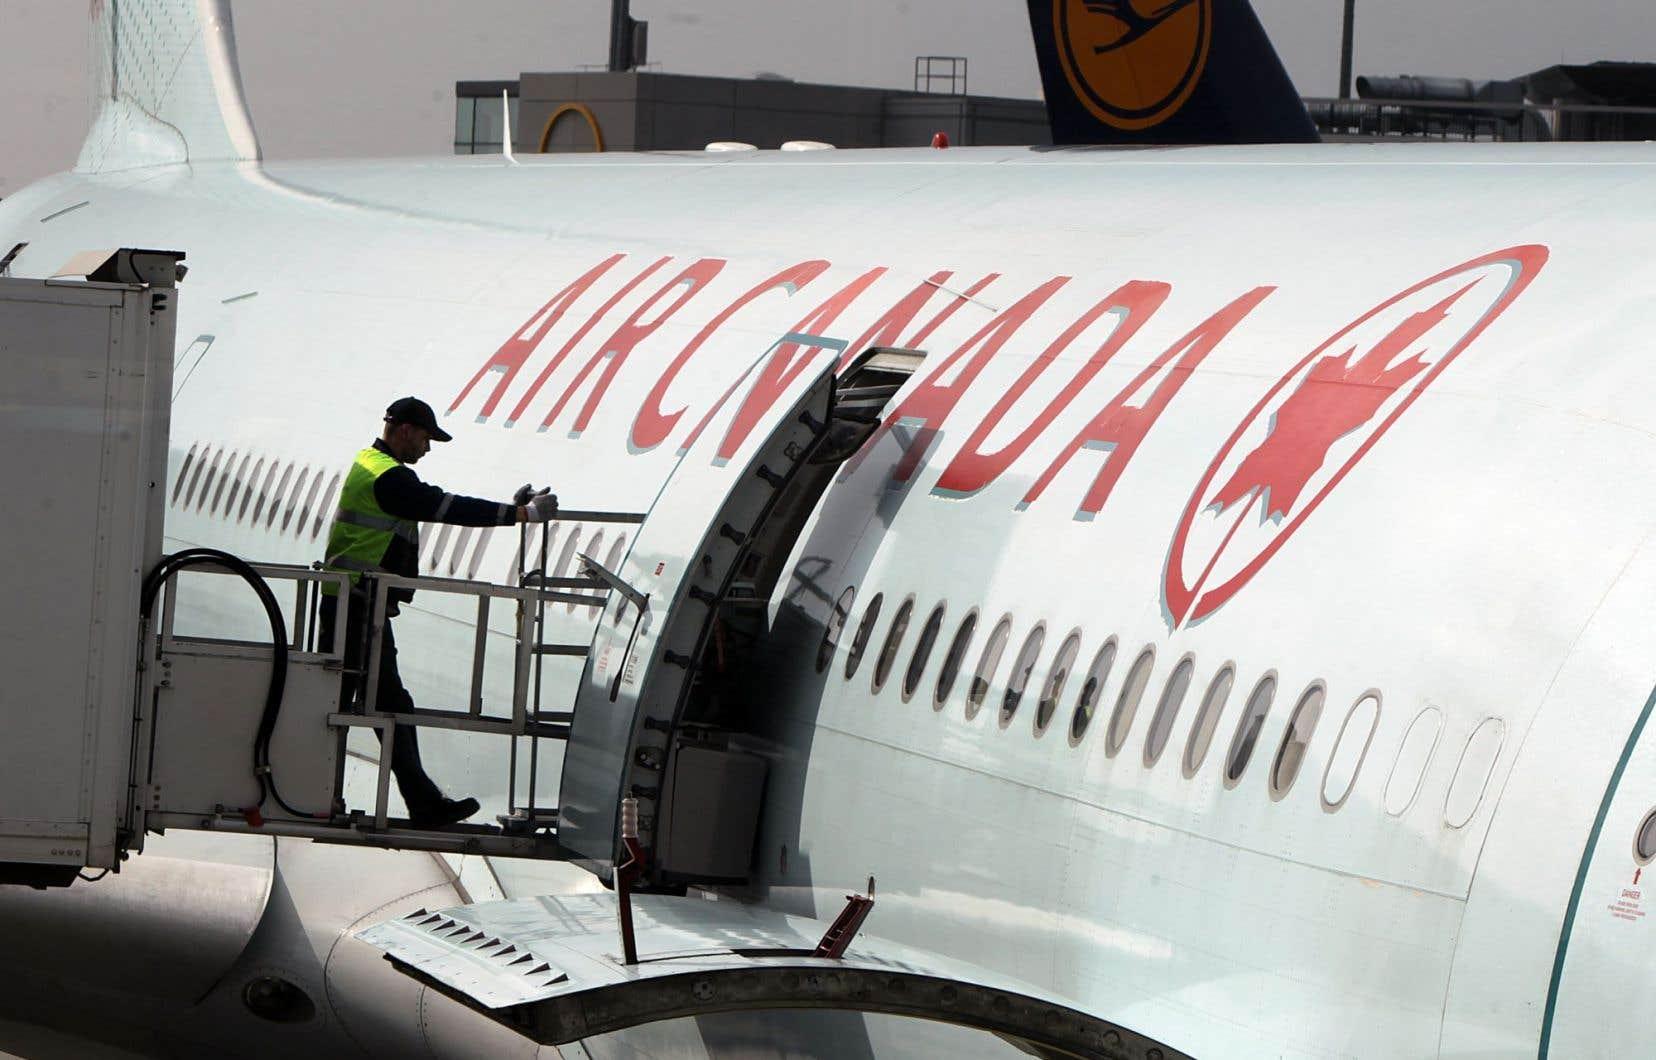 Air Canada a souvent été blâmée par le commissaire aux langues officielles en raison de ses manquements répétés à ses obligations en matière de langues officielles, rappelle l'auteur.